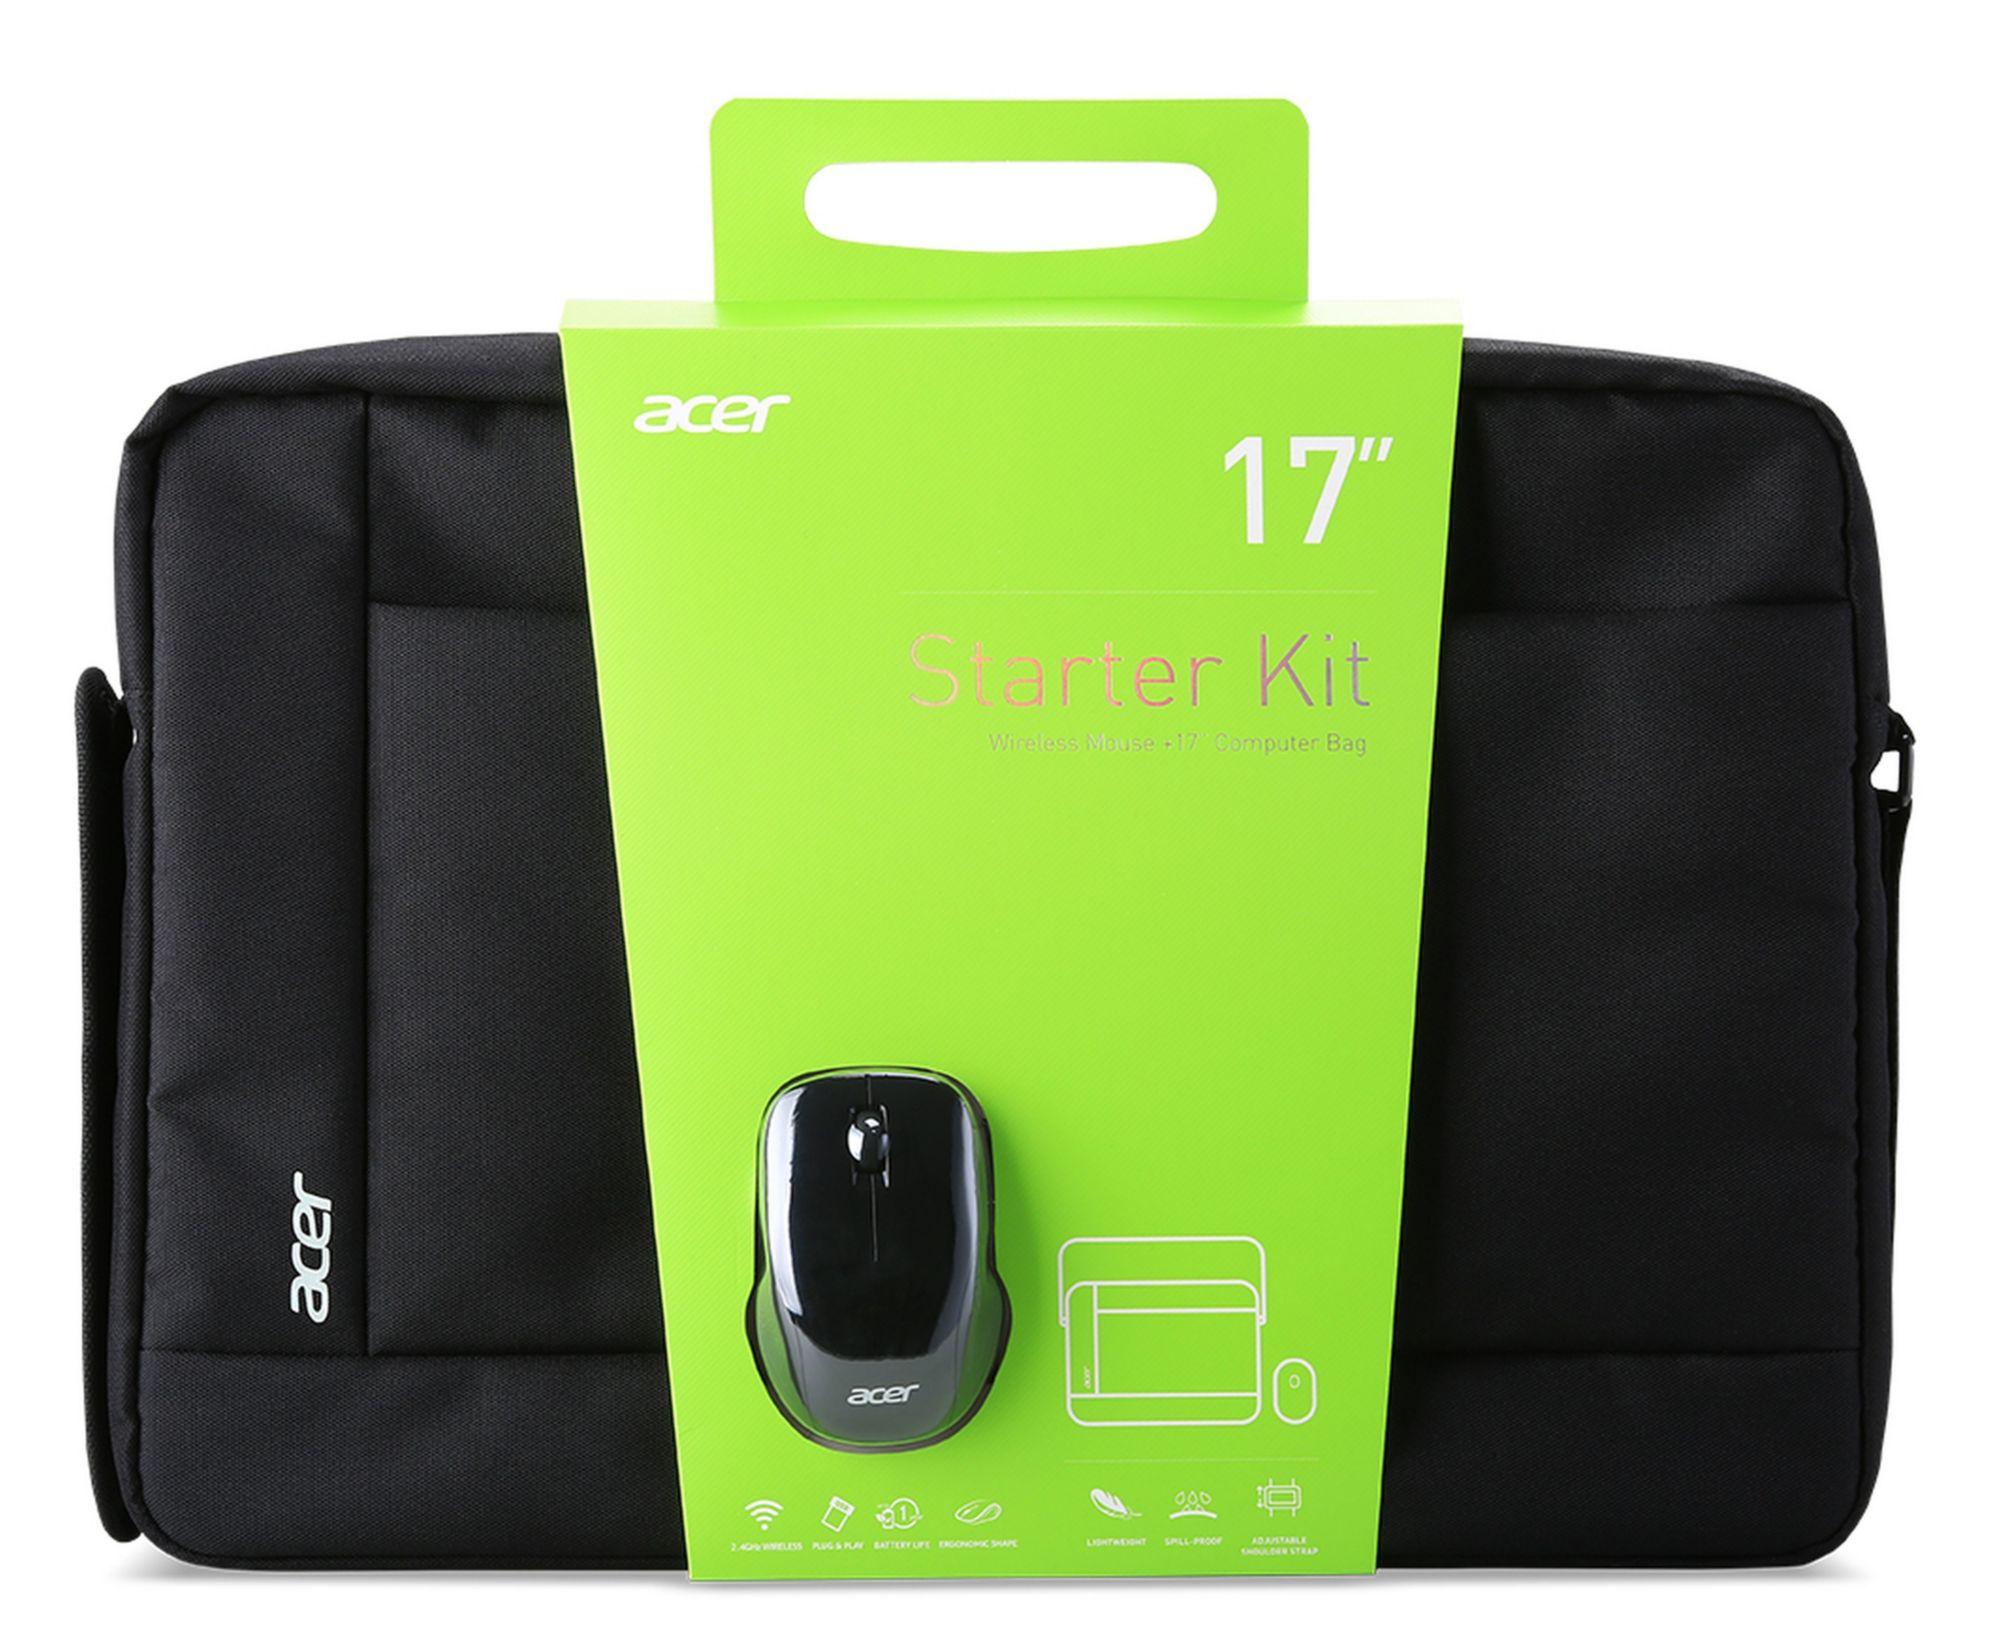 """ACER Acer Notebook Starter Kit """"für 43.94cm / 17"""""""" (Belly Band)"""""""